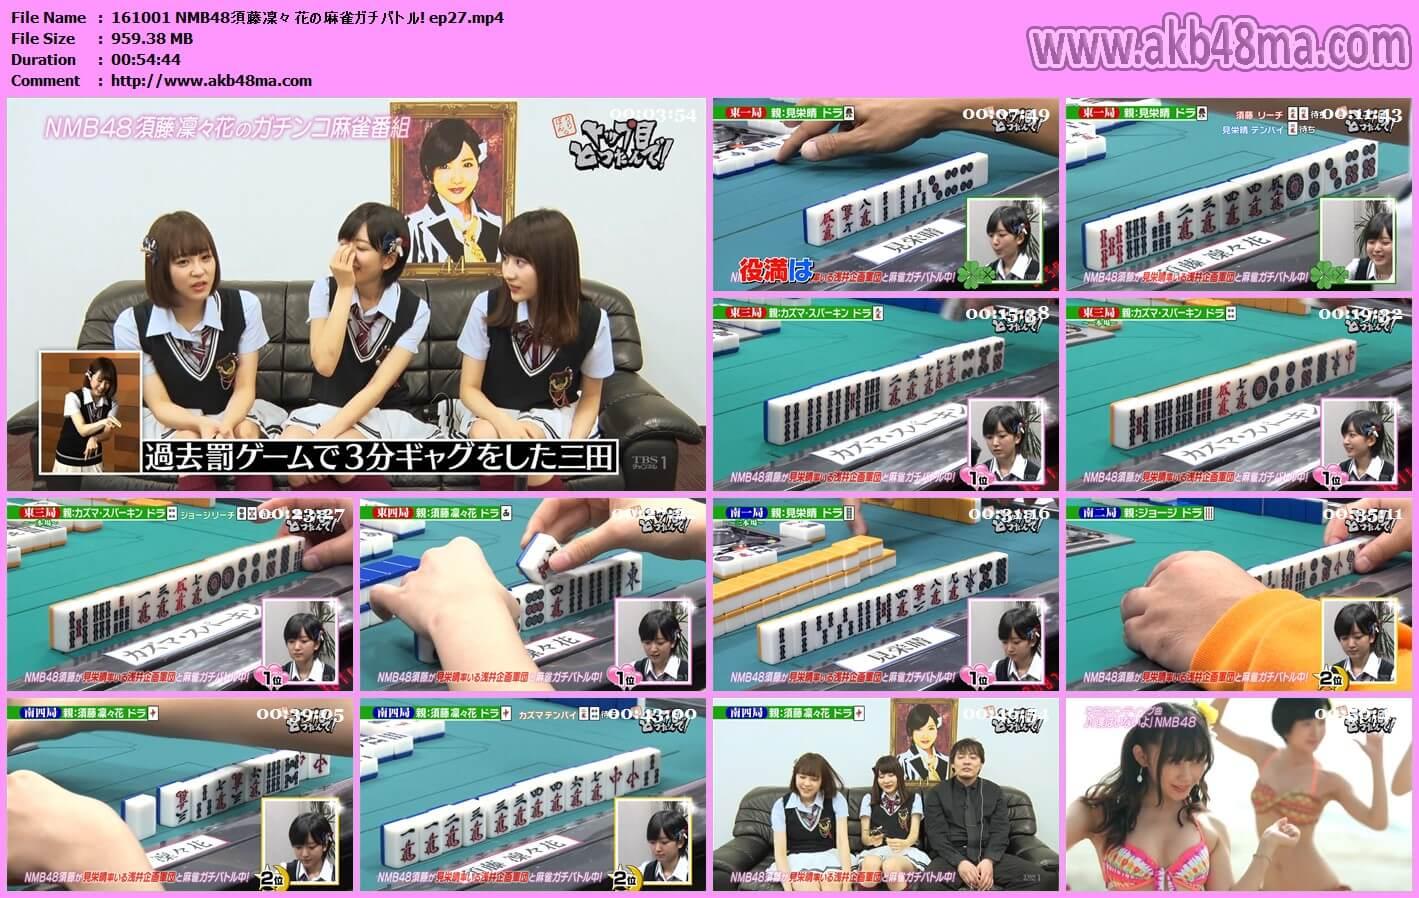 NMB48須藤凜々花の麻雀ガチバトル!りりぽんのトップ目とったんで